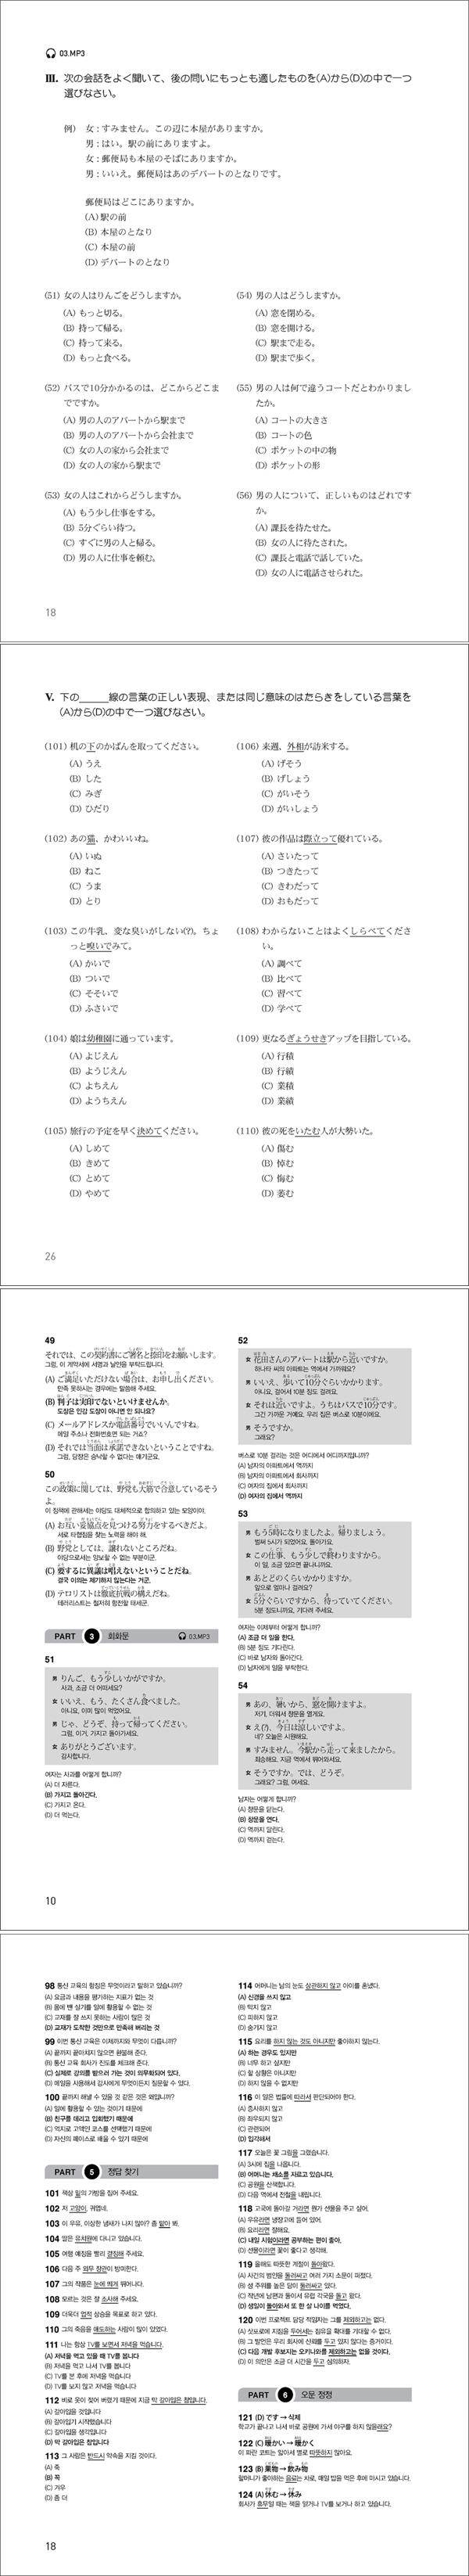 JPT 최신 기출문제 단기완성(2회분) 도서 상세이미지